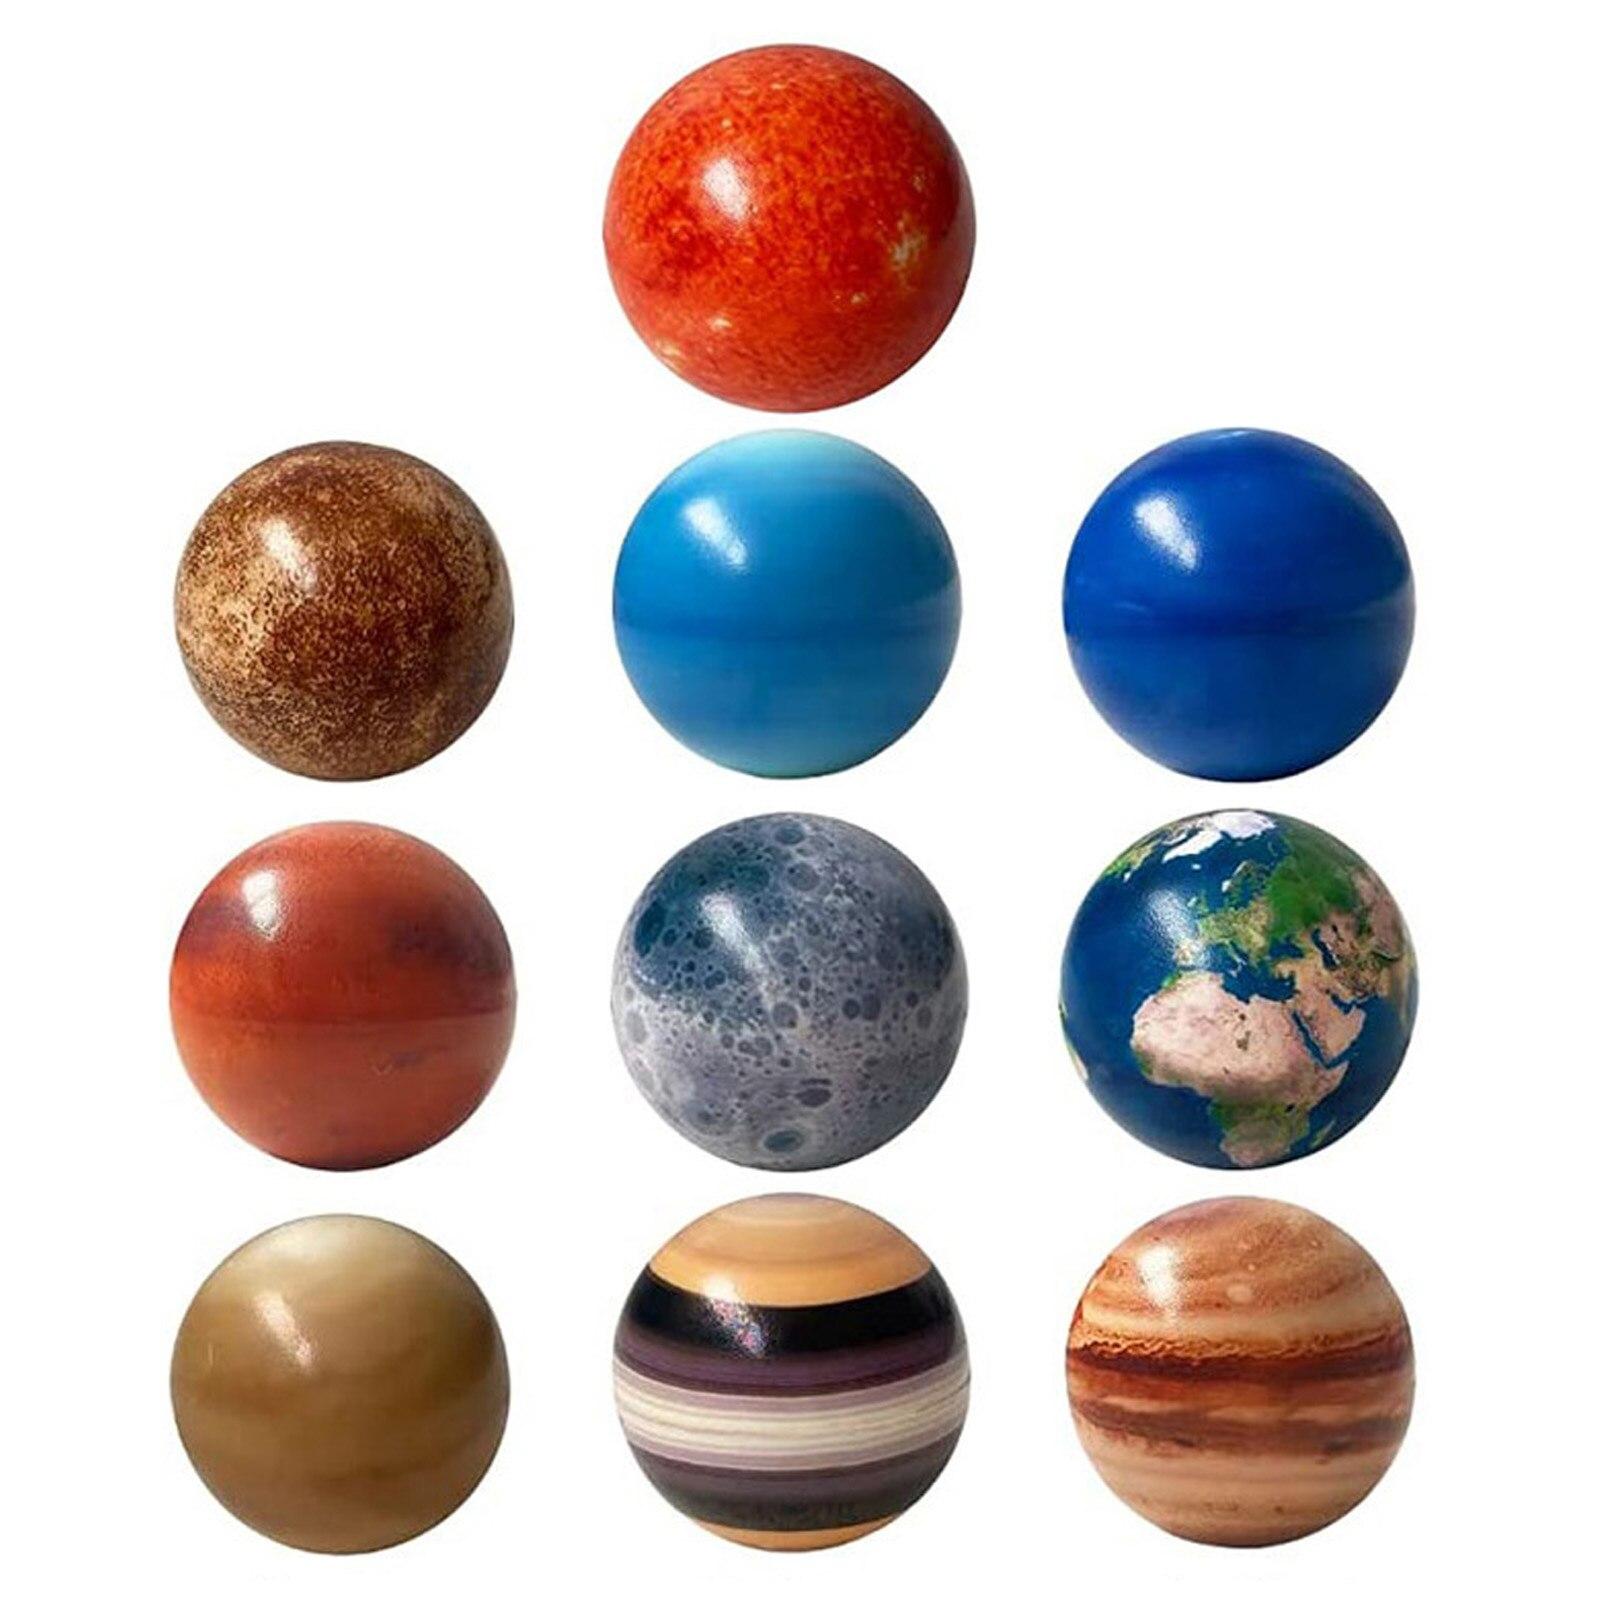 6,3 см восемь планет Луна солнце Звезда шар игрушка красочный надувной губка Эластичный Печатный Звездный шар Детская развивающая игрушка п...